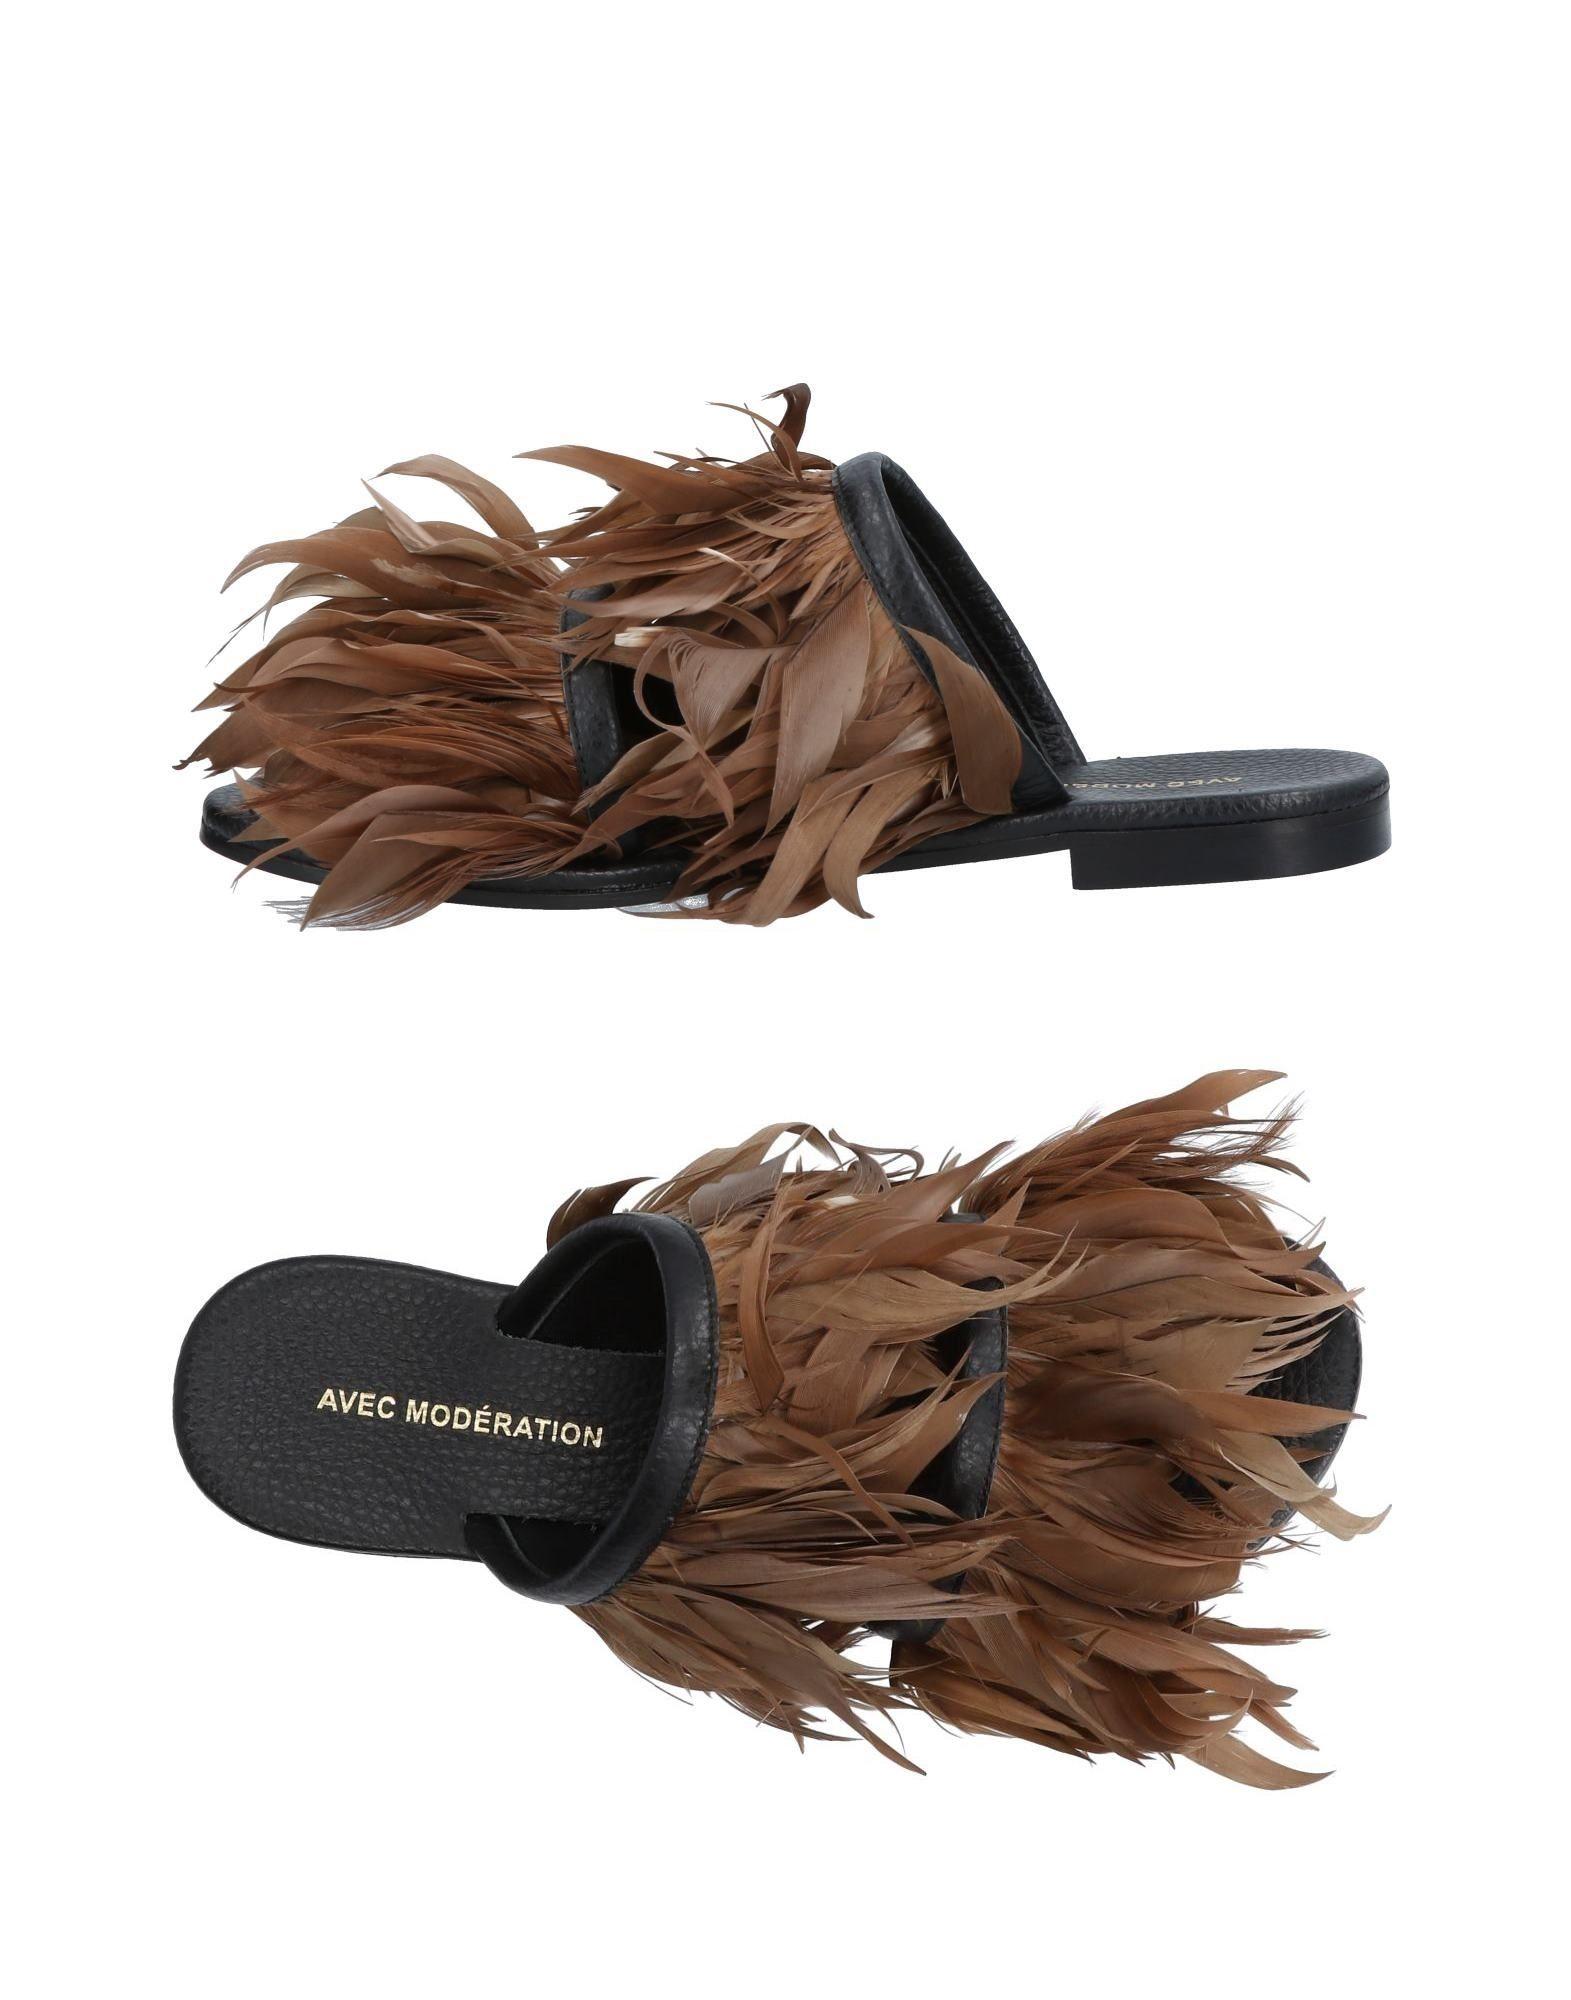 Sandales Avec Modération Femme - Sandales Avec Modération sur